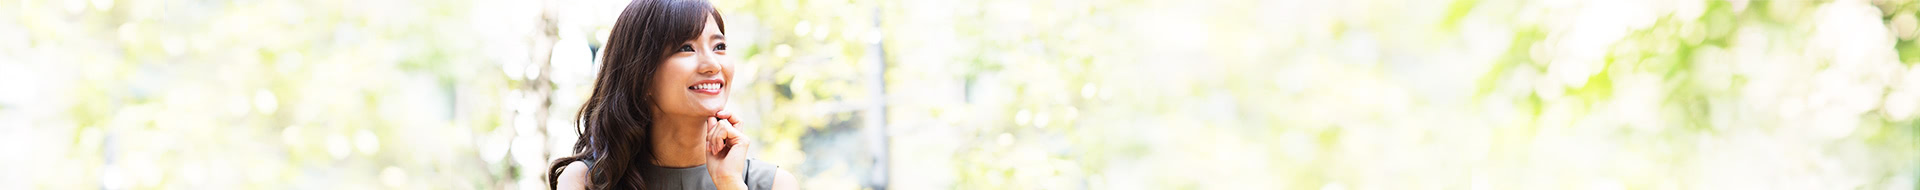 » 2/16 (日) 15:00~17:00 高年収女子のための賢いお金の殖やし方のメインビジュアル